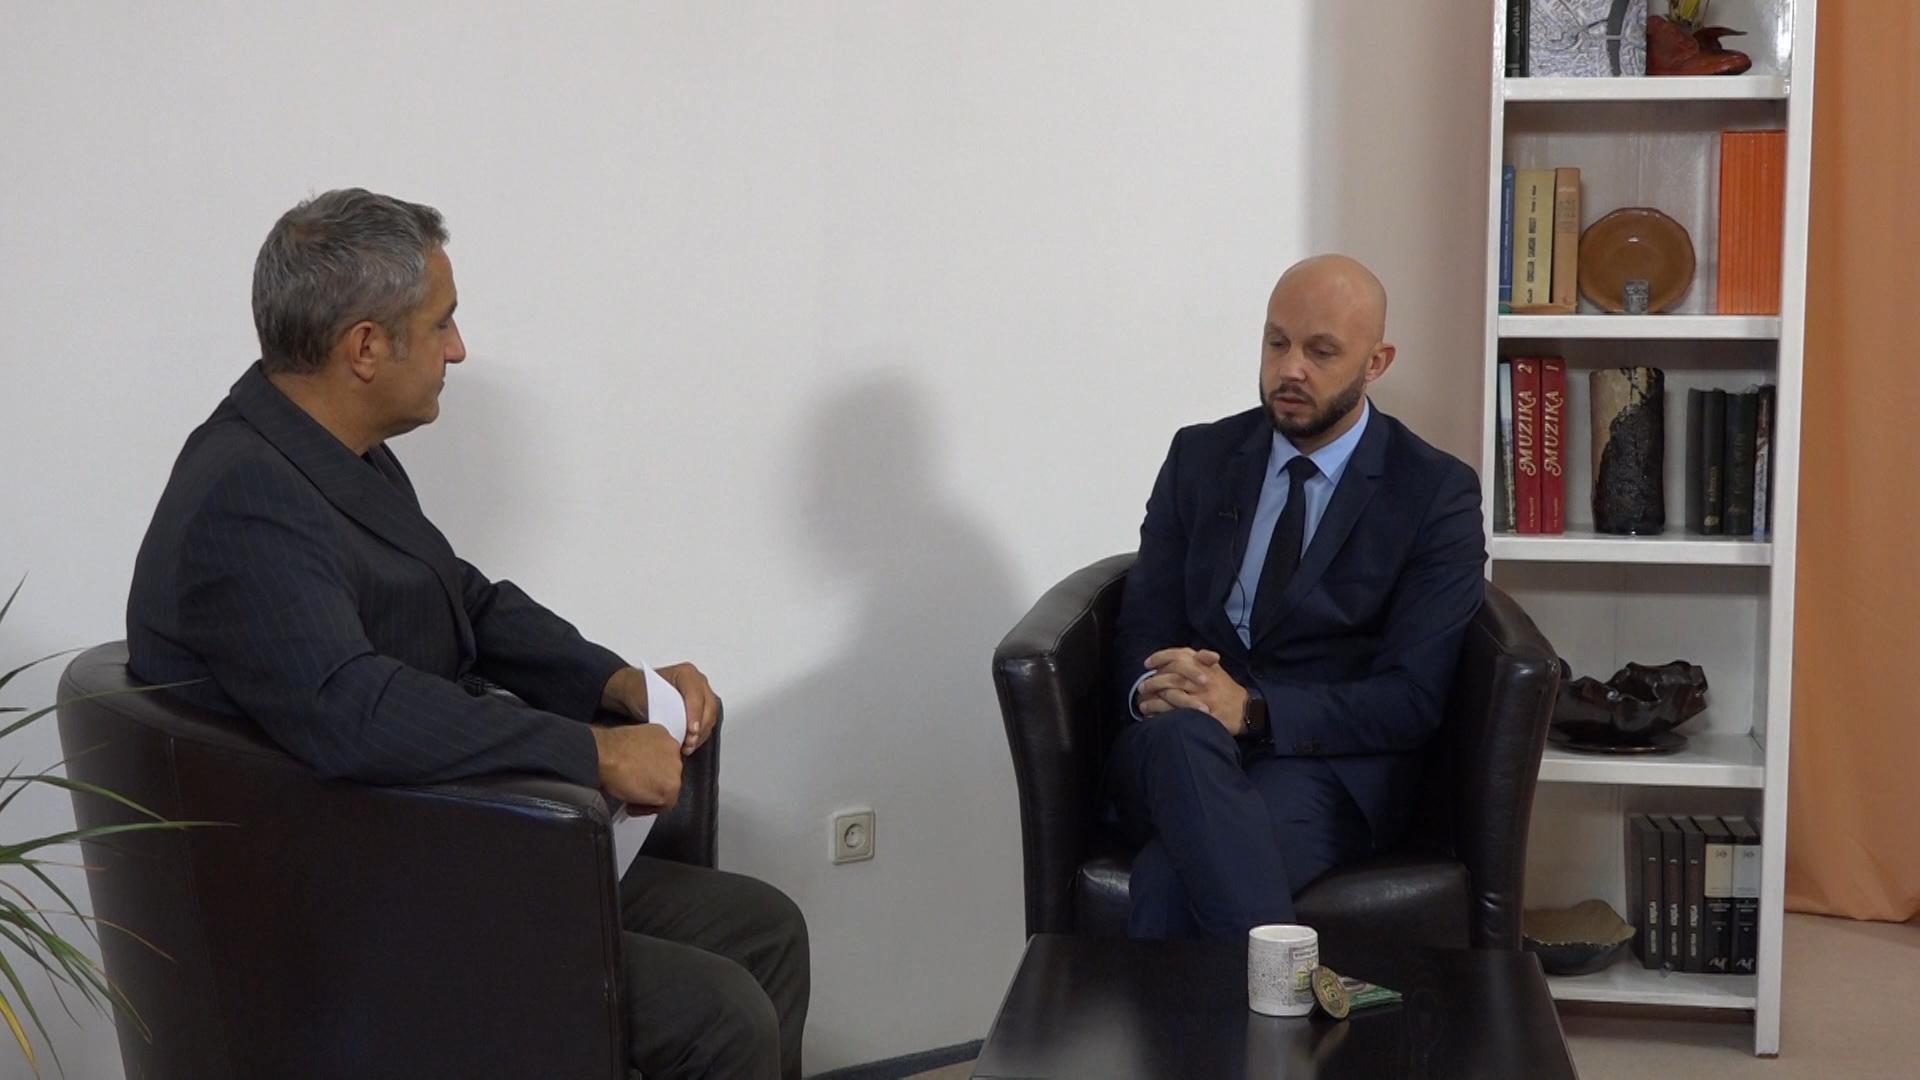 """VEČERAS NA RTV """"SANA"""" OD 20:05 INTERVJU S ALMINOM HOPOVCEM"""